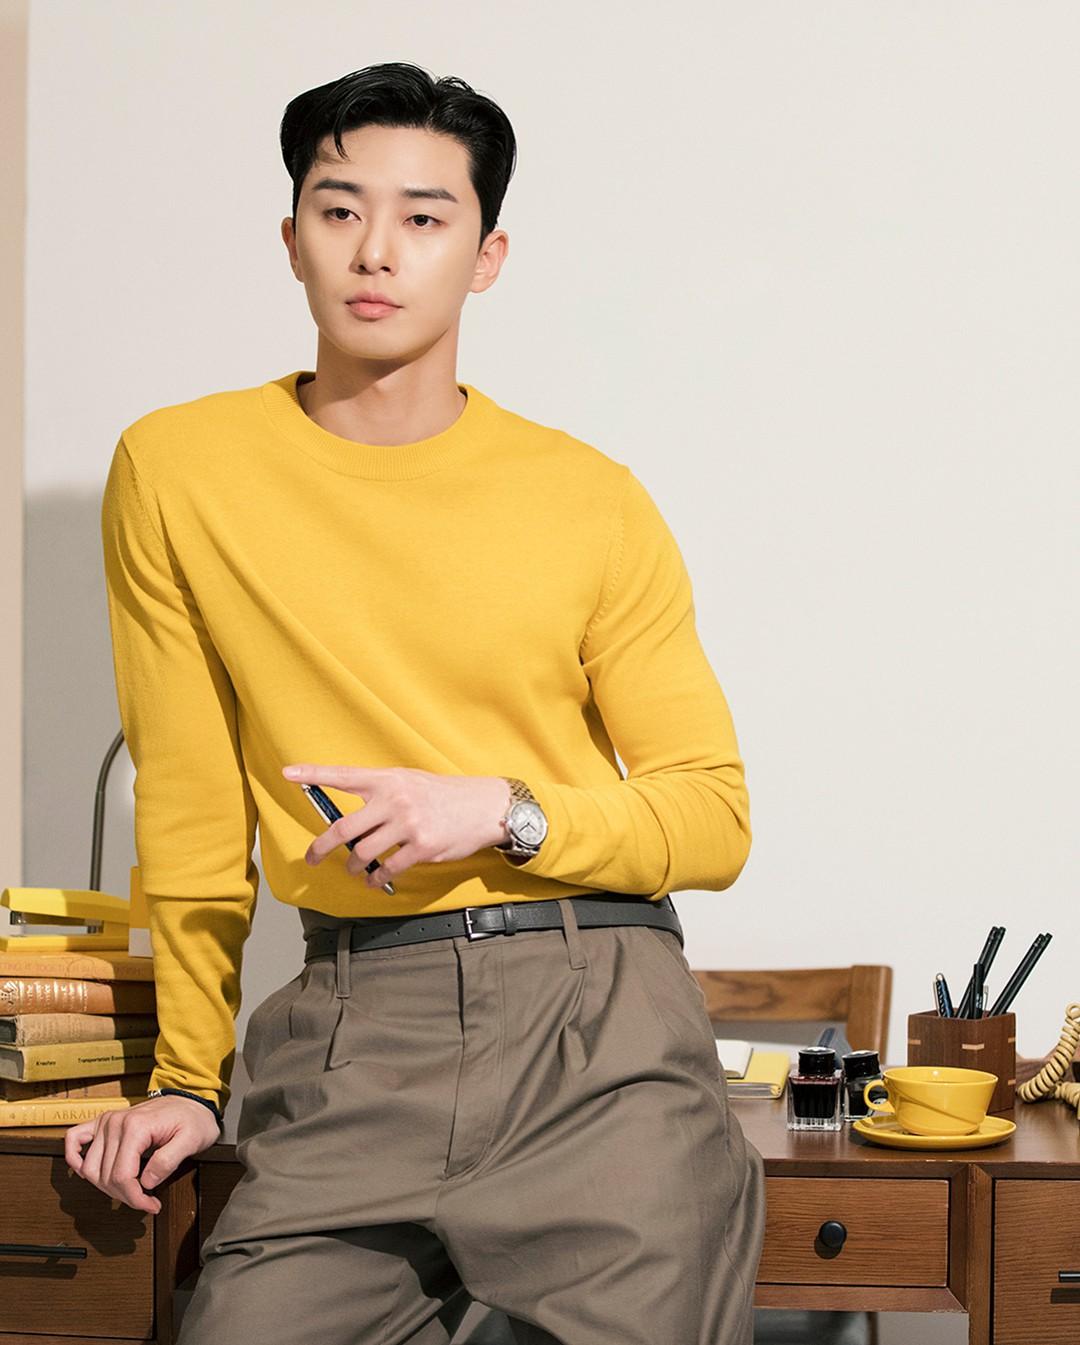 Park Seo Joon - nam thần không chỉ điển trai mà còn mặc đẹp từ phim đến đời thực - Ảnh 22.